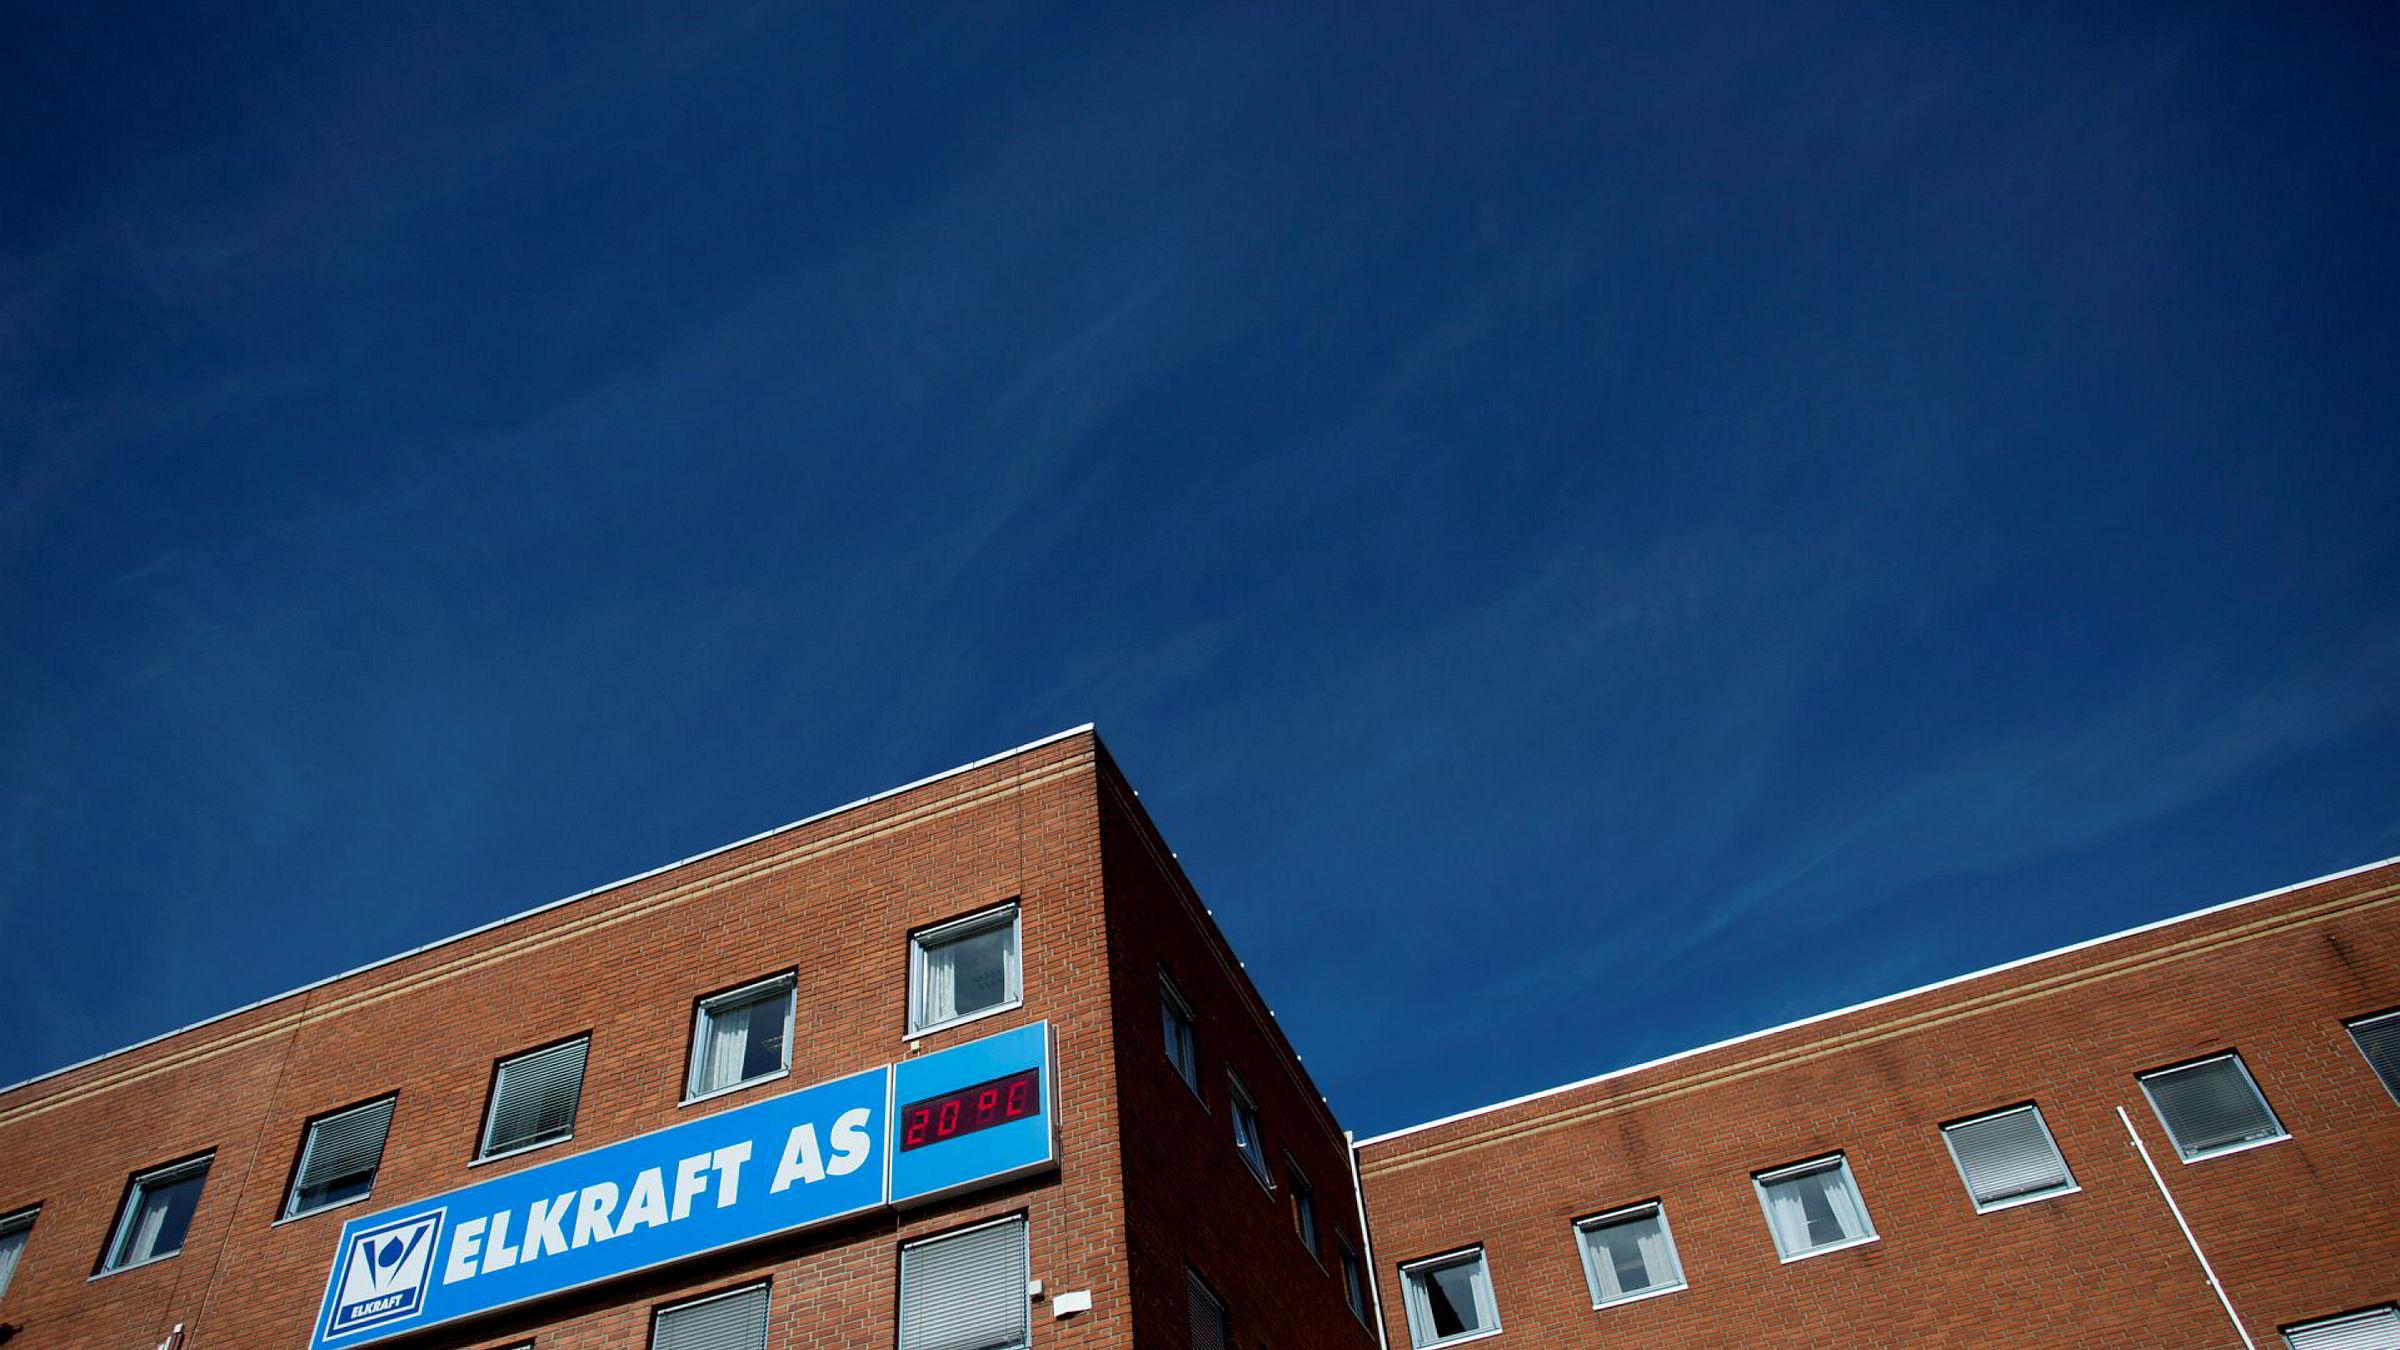 Tom Hagen eier 70 prosent av strømselskapet Elkraft, som han var med på å grunnlegge i 1992. I fjor omsatte Elkraft for 2,3 milliarder kroner.